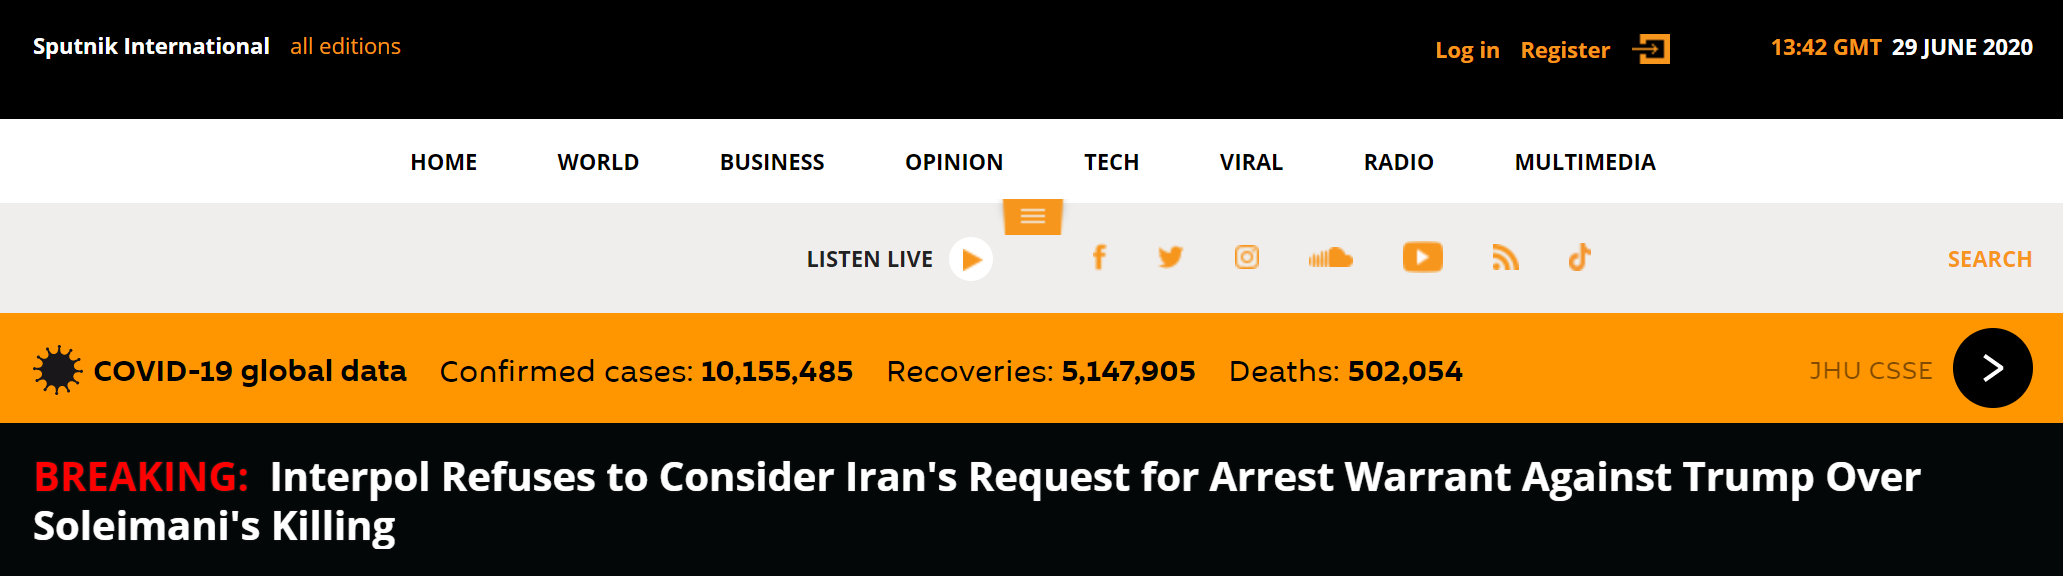 伊朗向特朗普发逮捕令 国际刑警:不考虑伊朗的请求